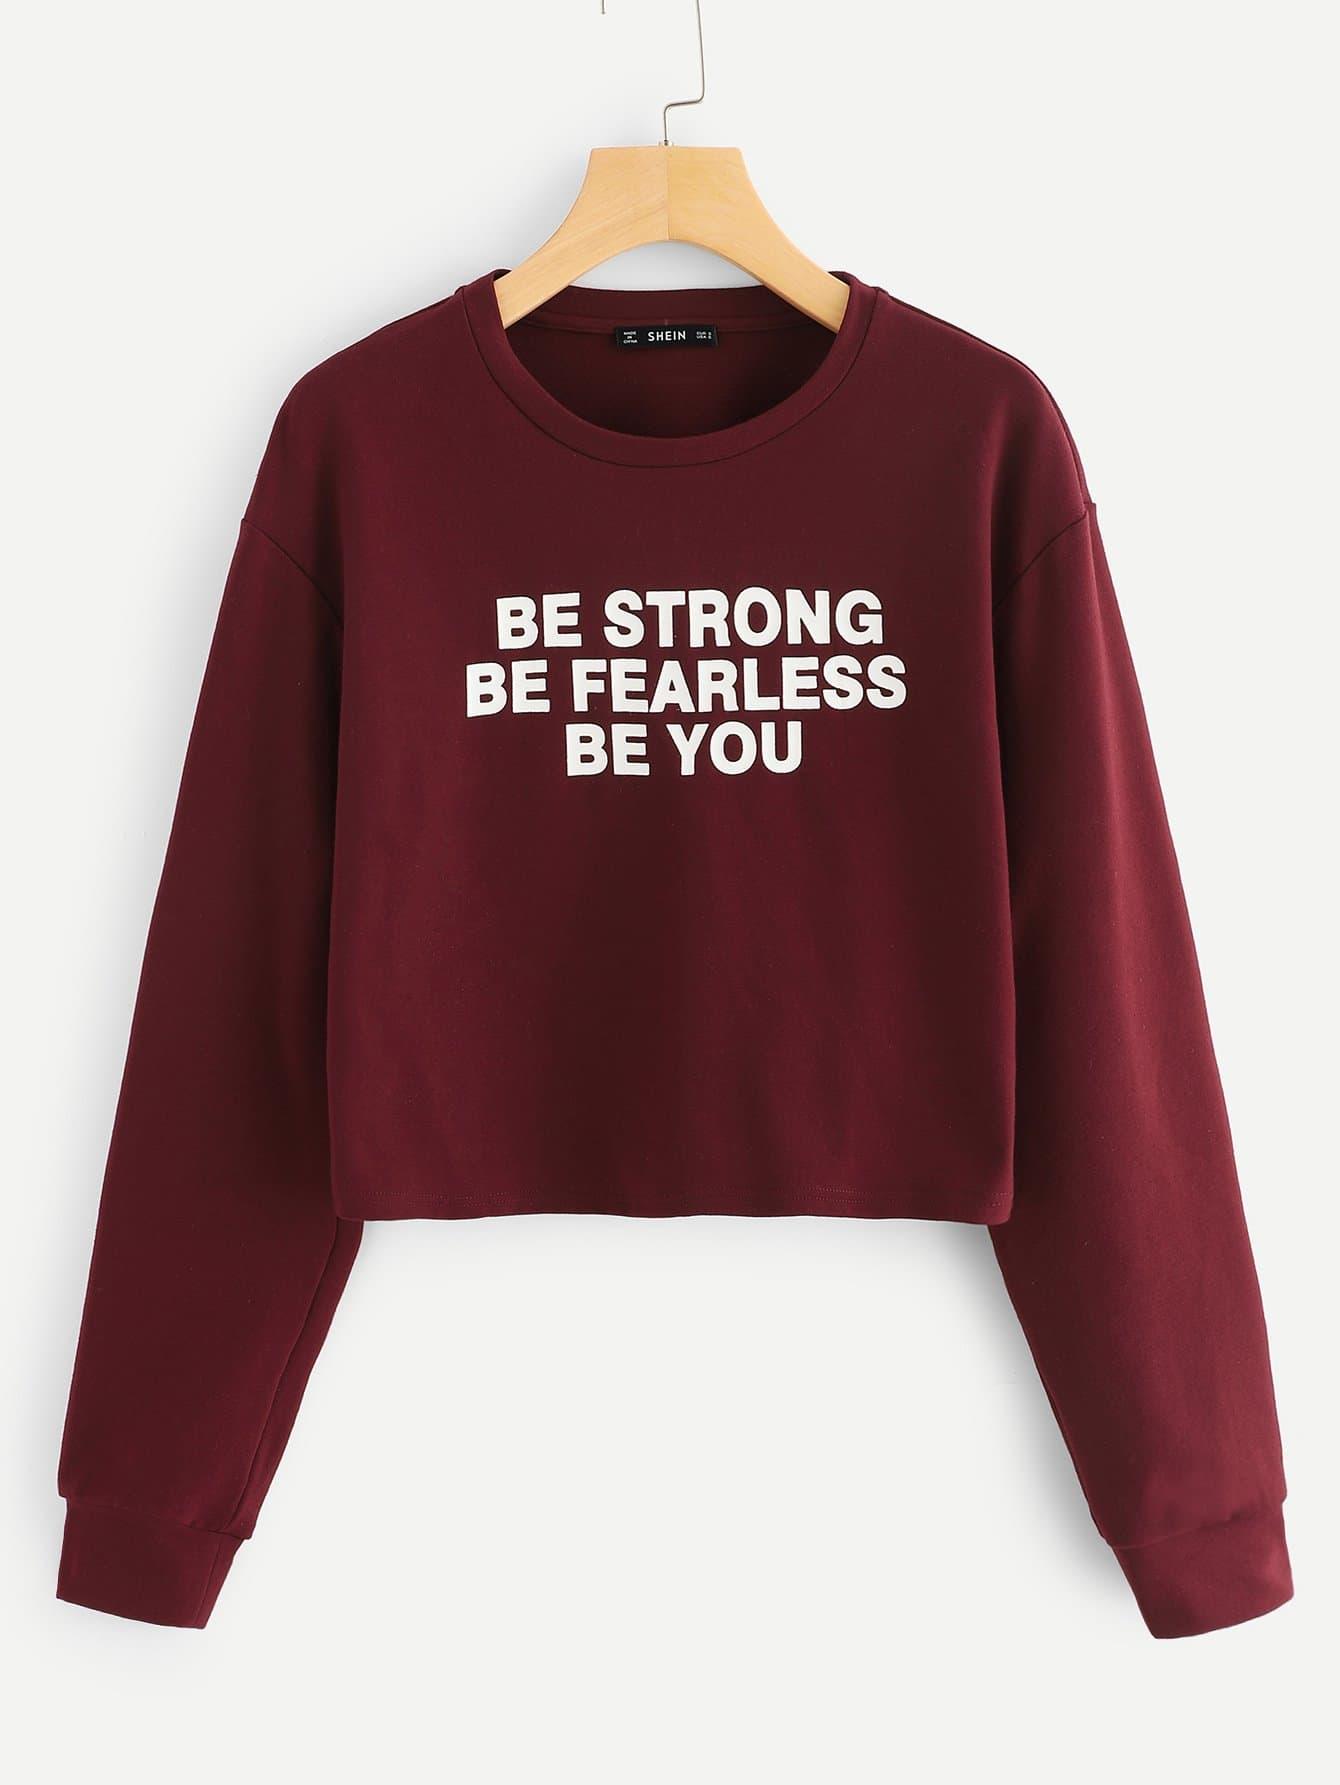 Фото - Укороченный пуловер с текстовым принтом от SheIn бордового цвета